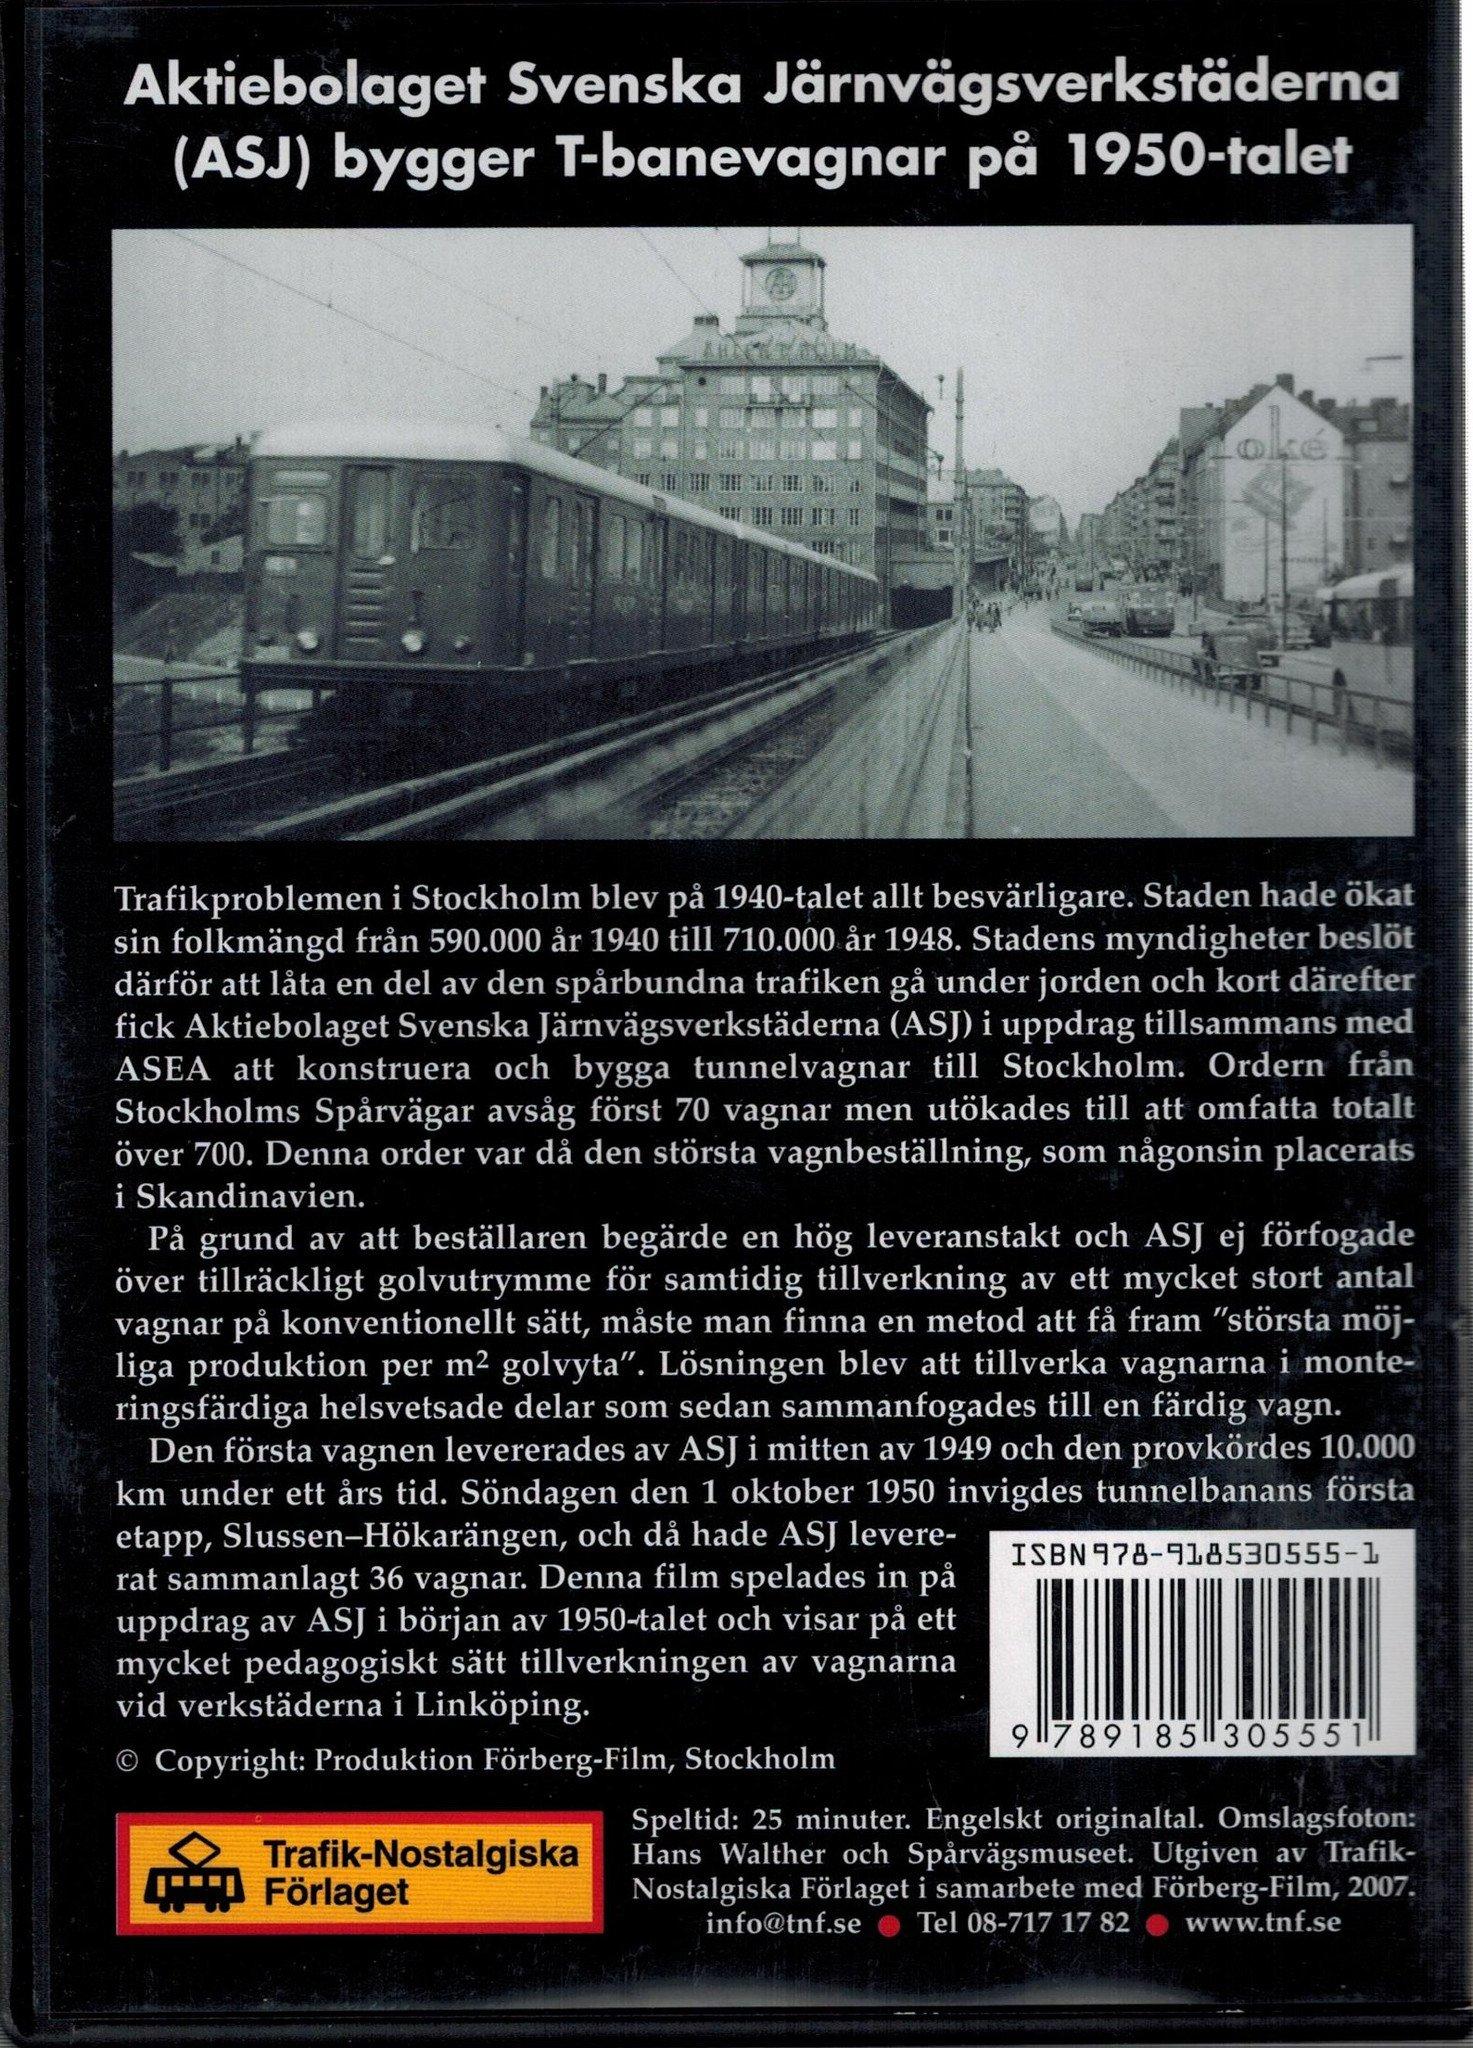 ASJ bygger T-banevagnar på 1950-talet